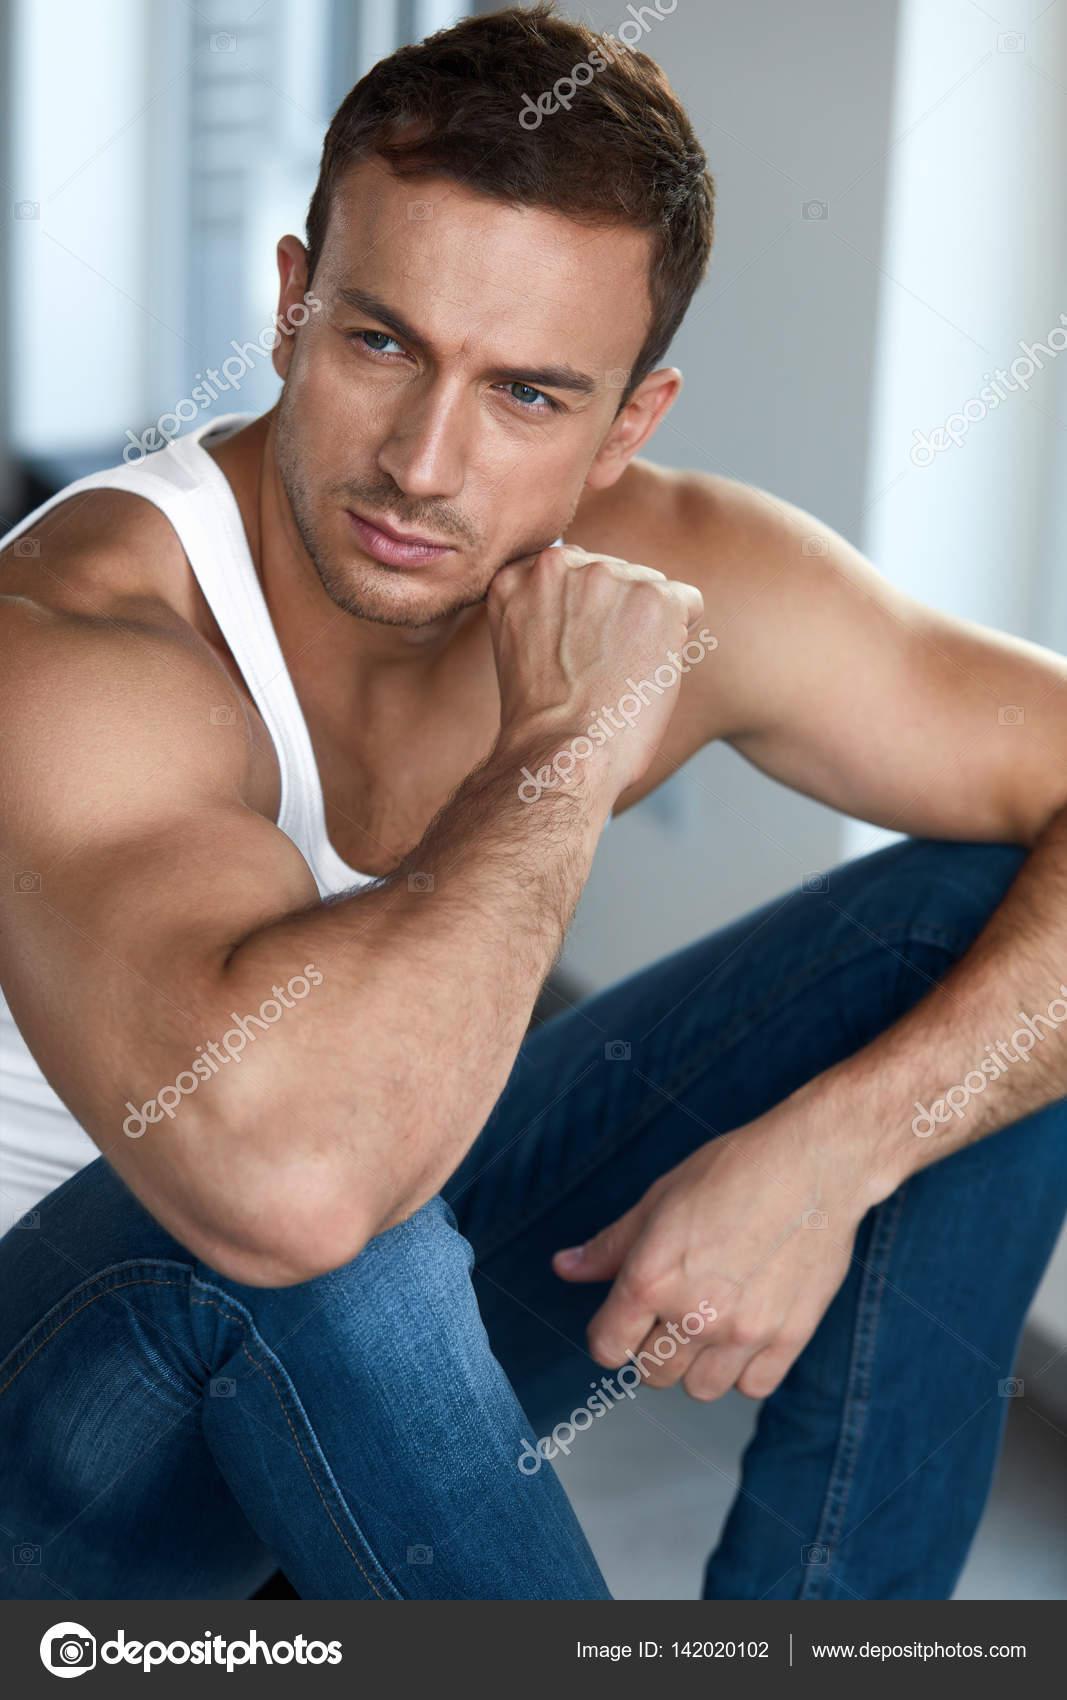 6cc7c2431a8f Hombre bello y saludable | Retrato de joven guapo con rostro bello ...